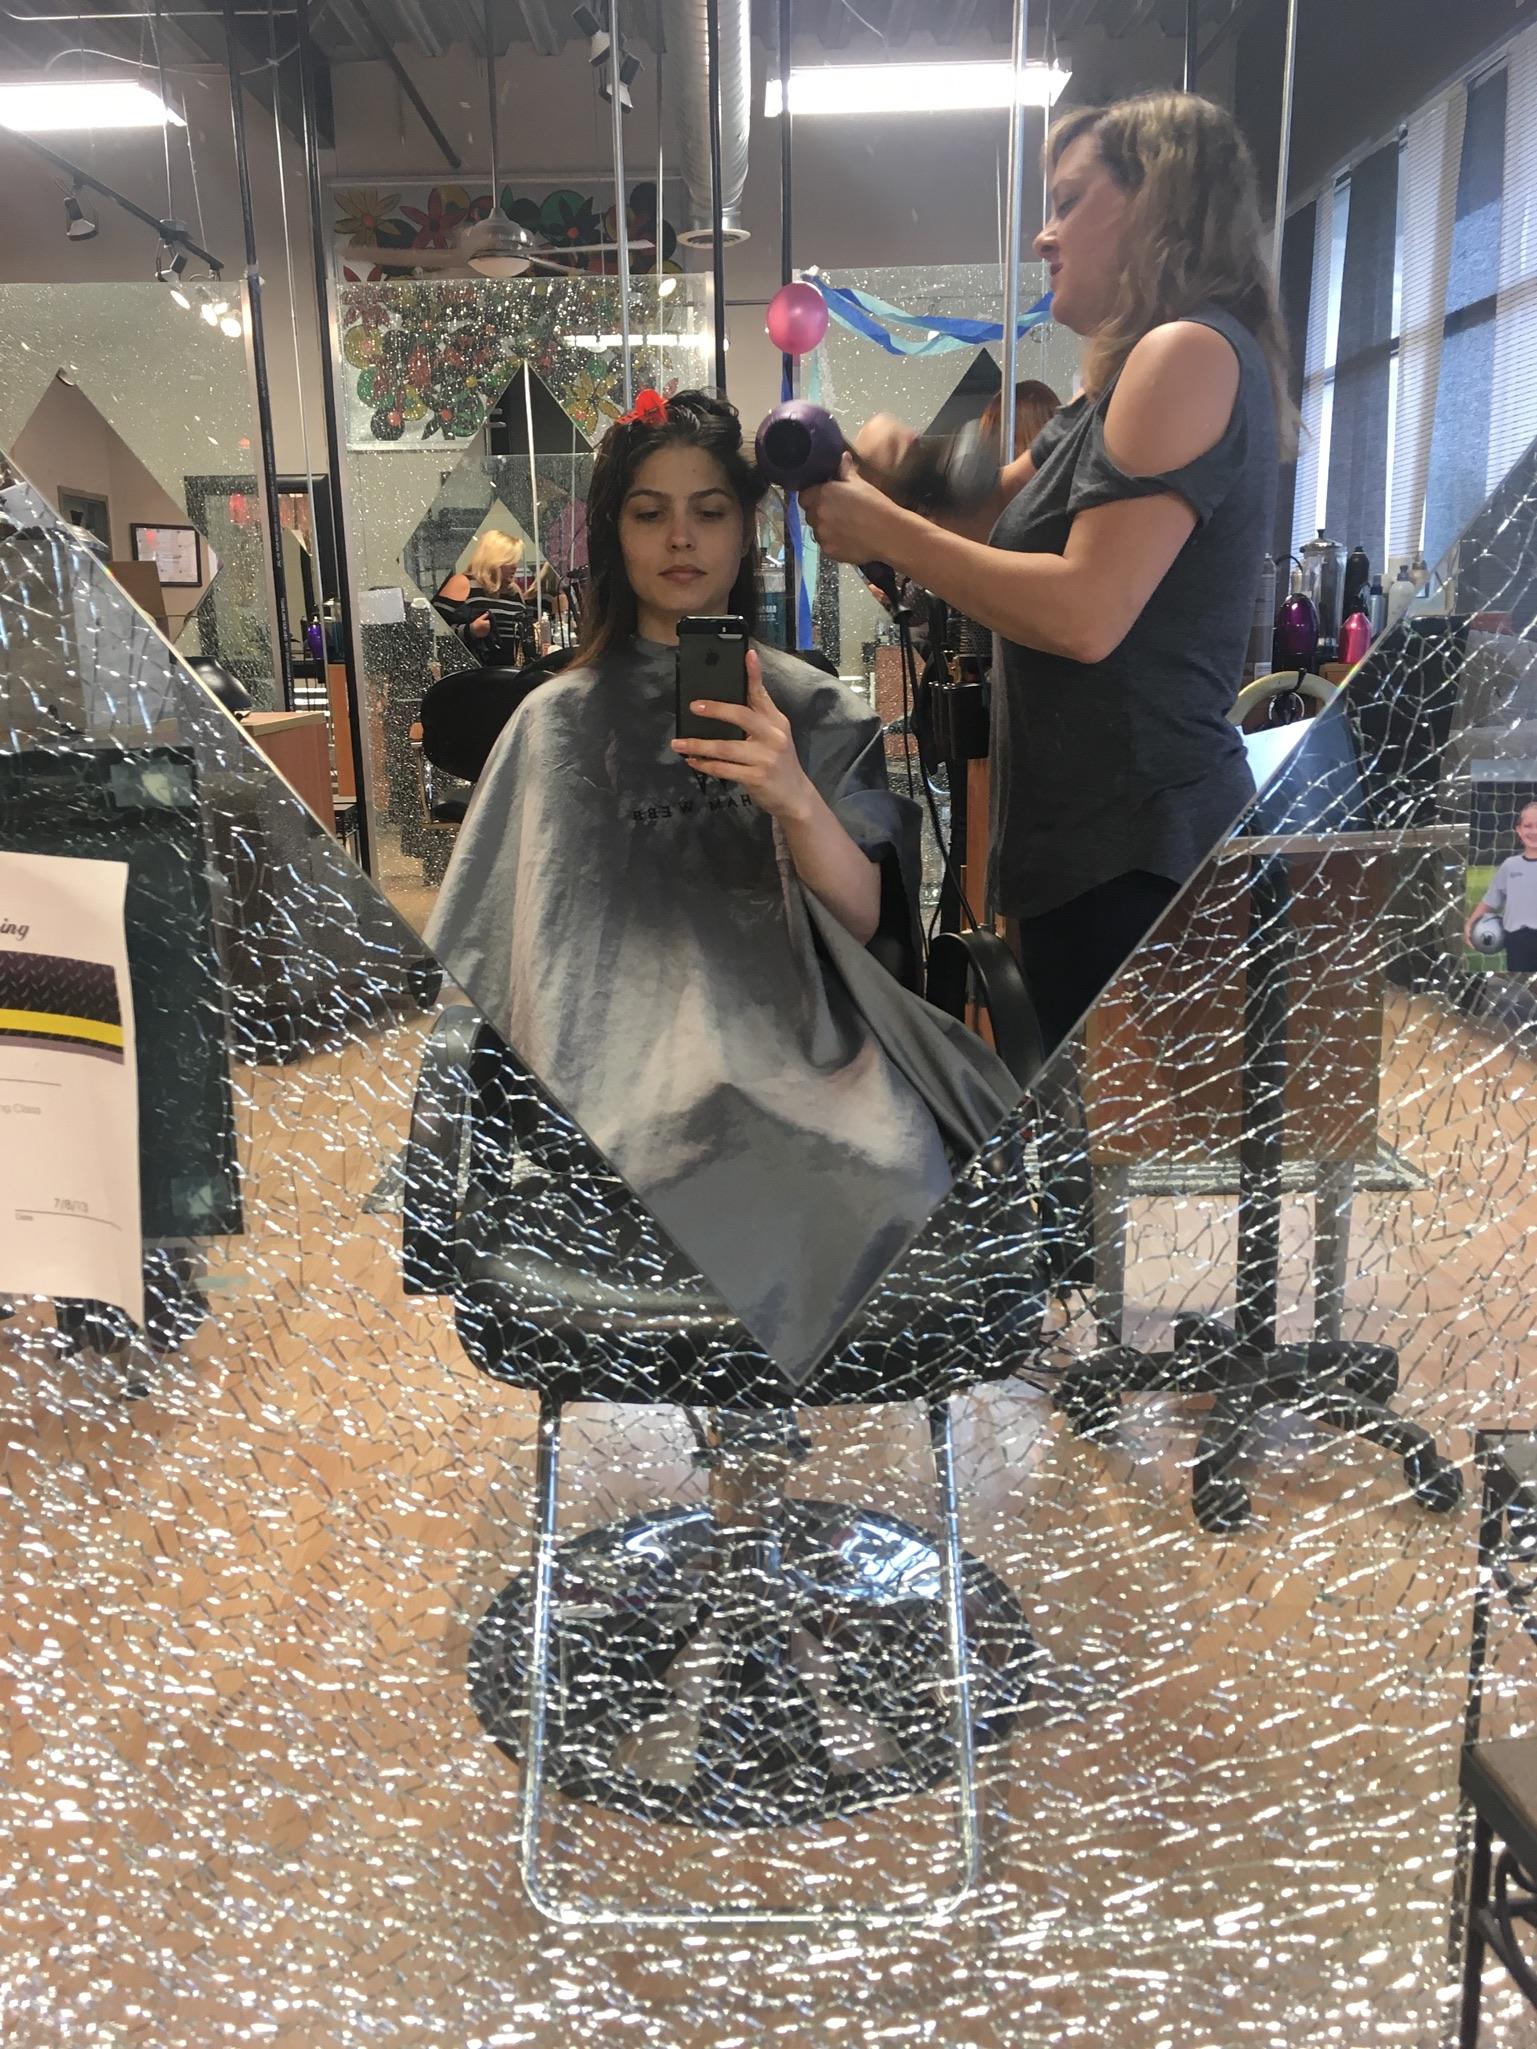 Hair Stylist: Heidi from @RobertAnthonyHairSalon